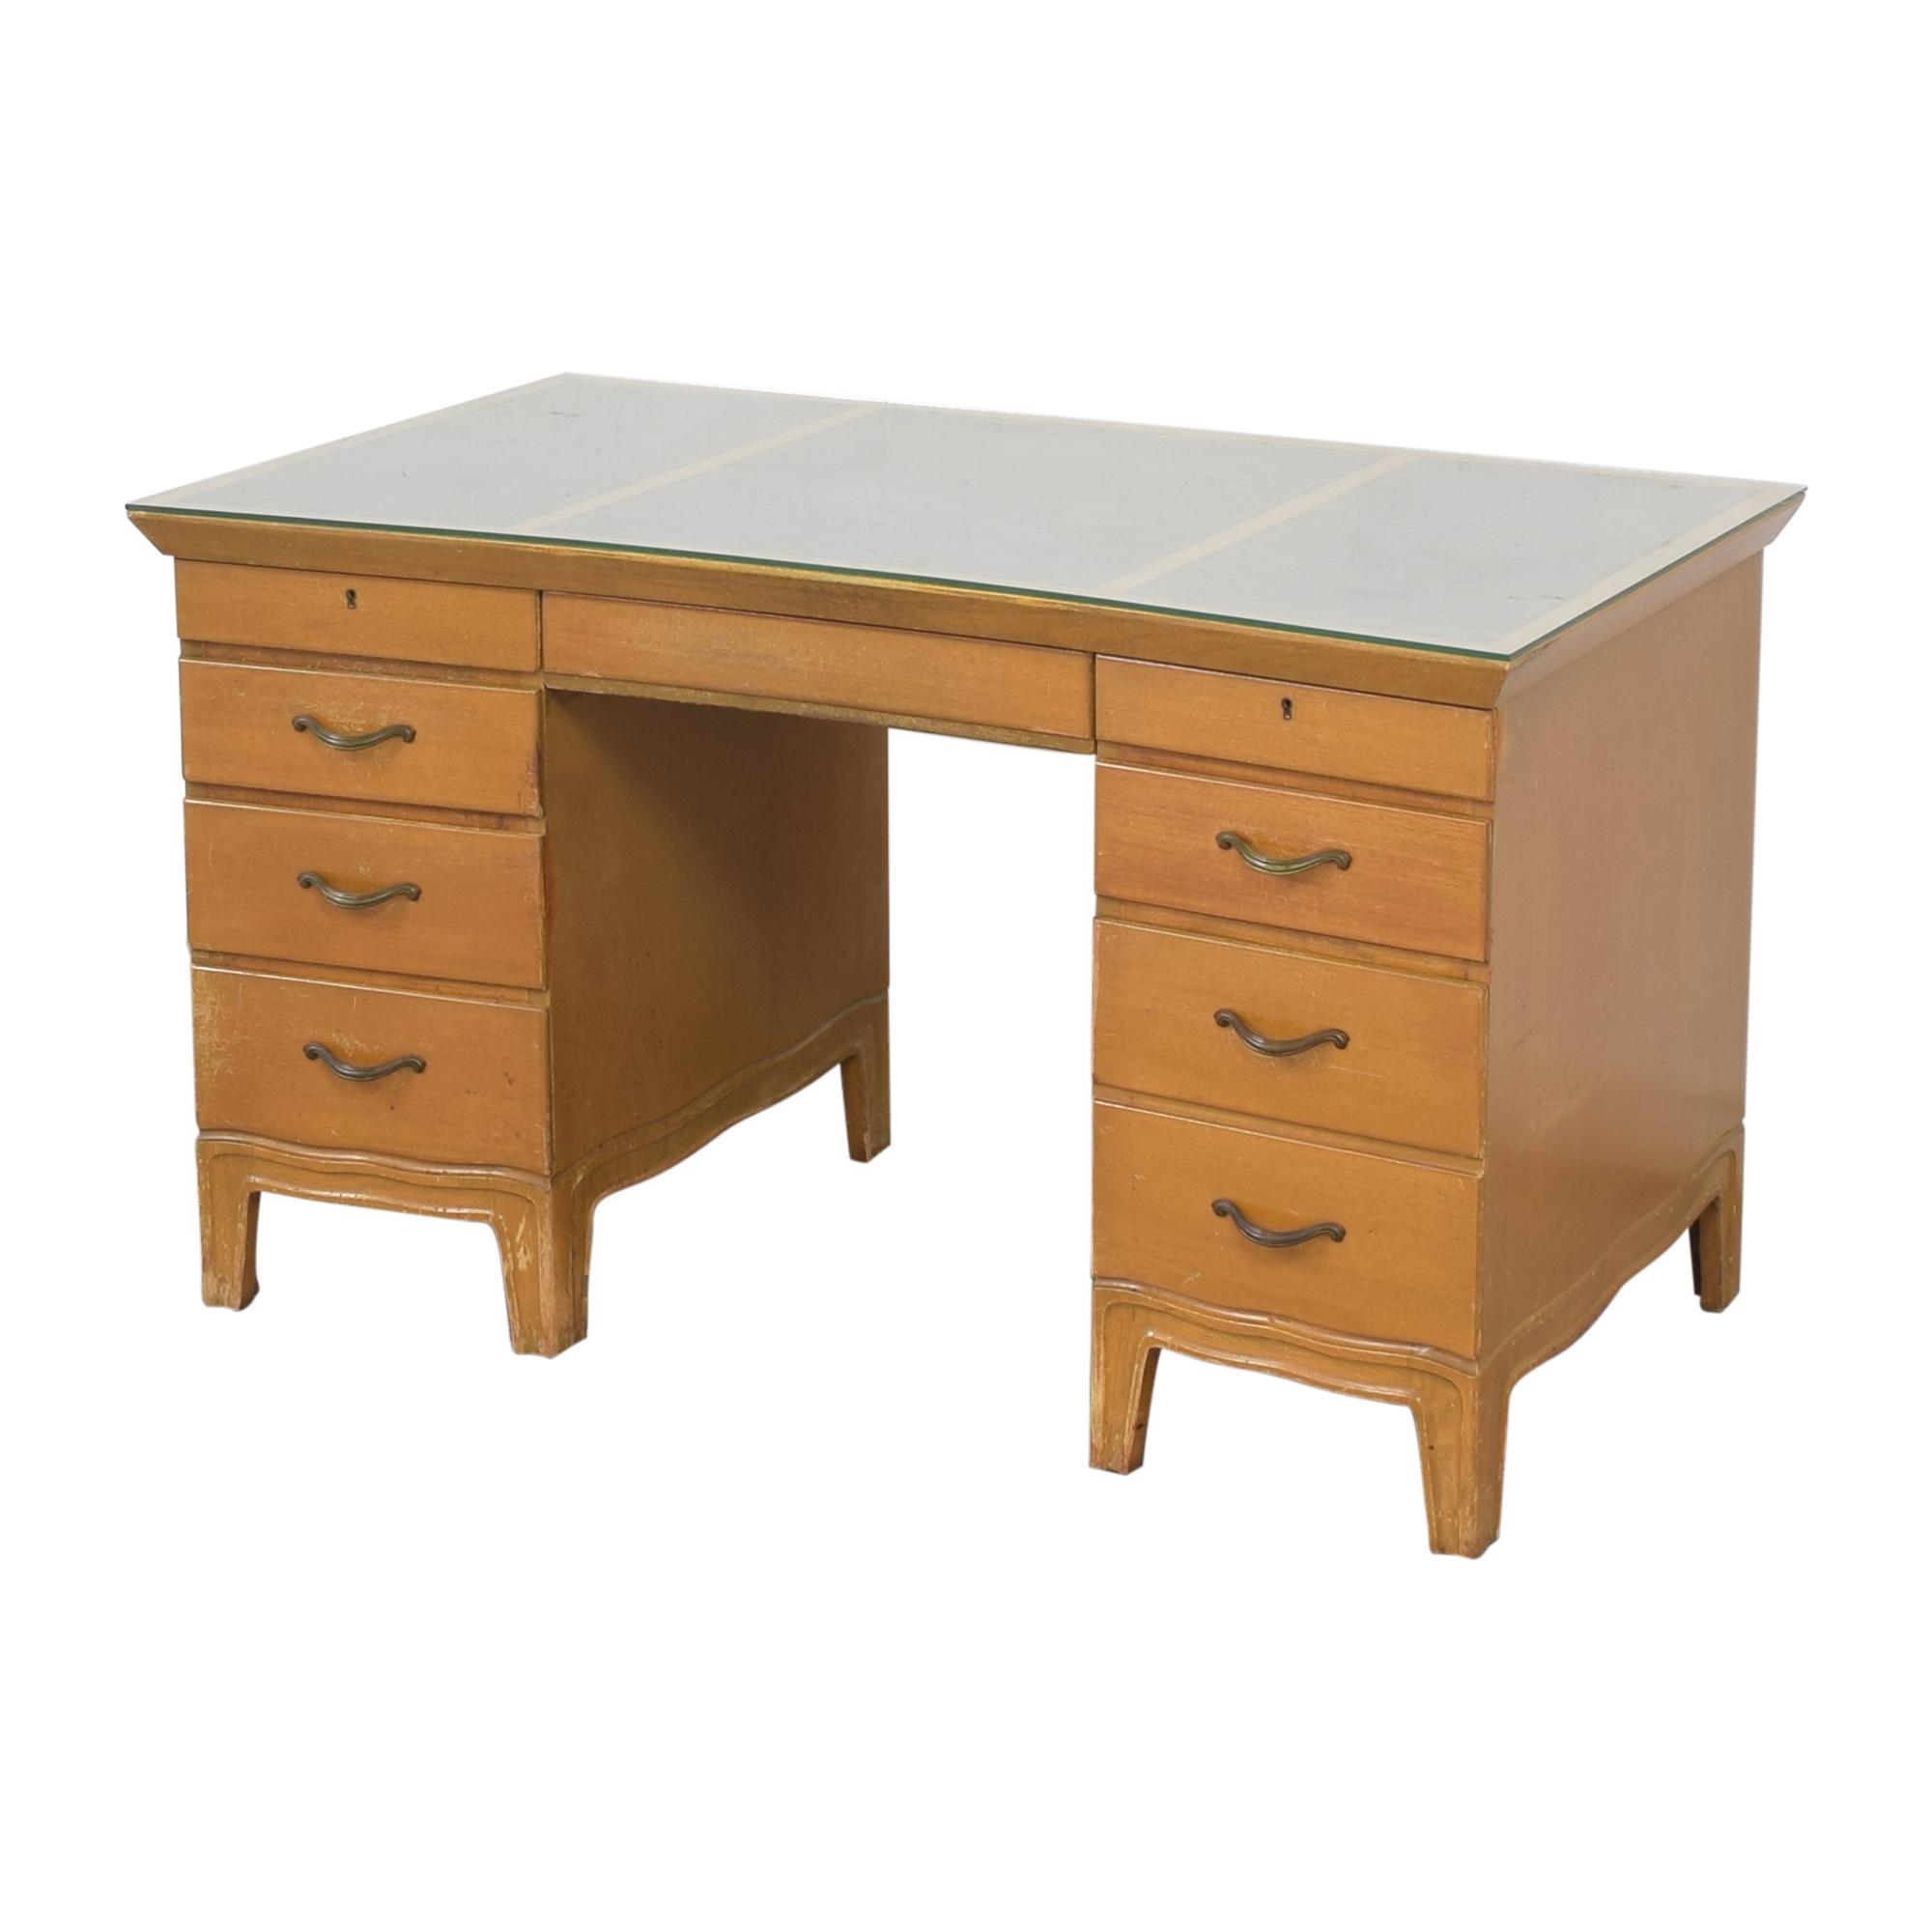 shop Tomlinson Vintage Double Pedestal Desk Tomlinson